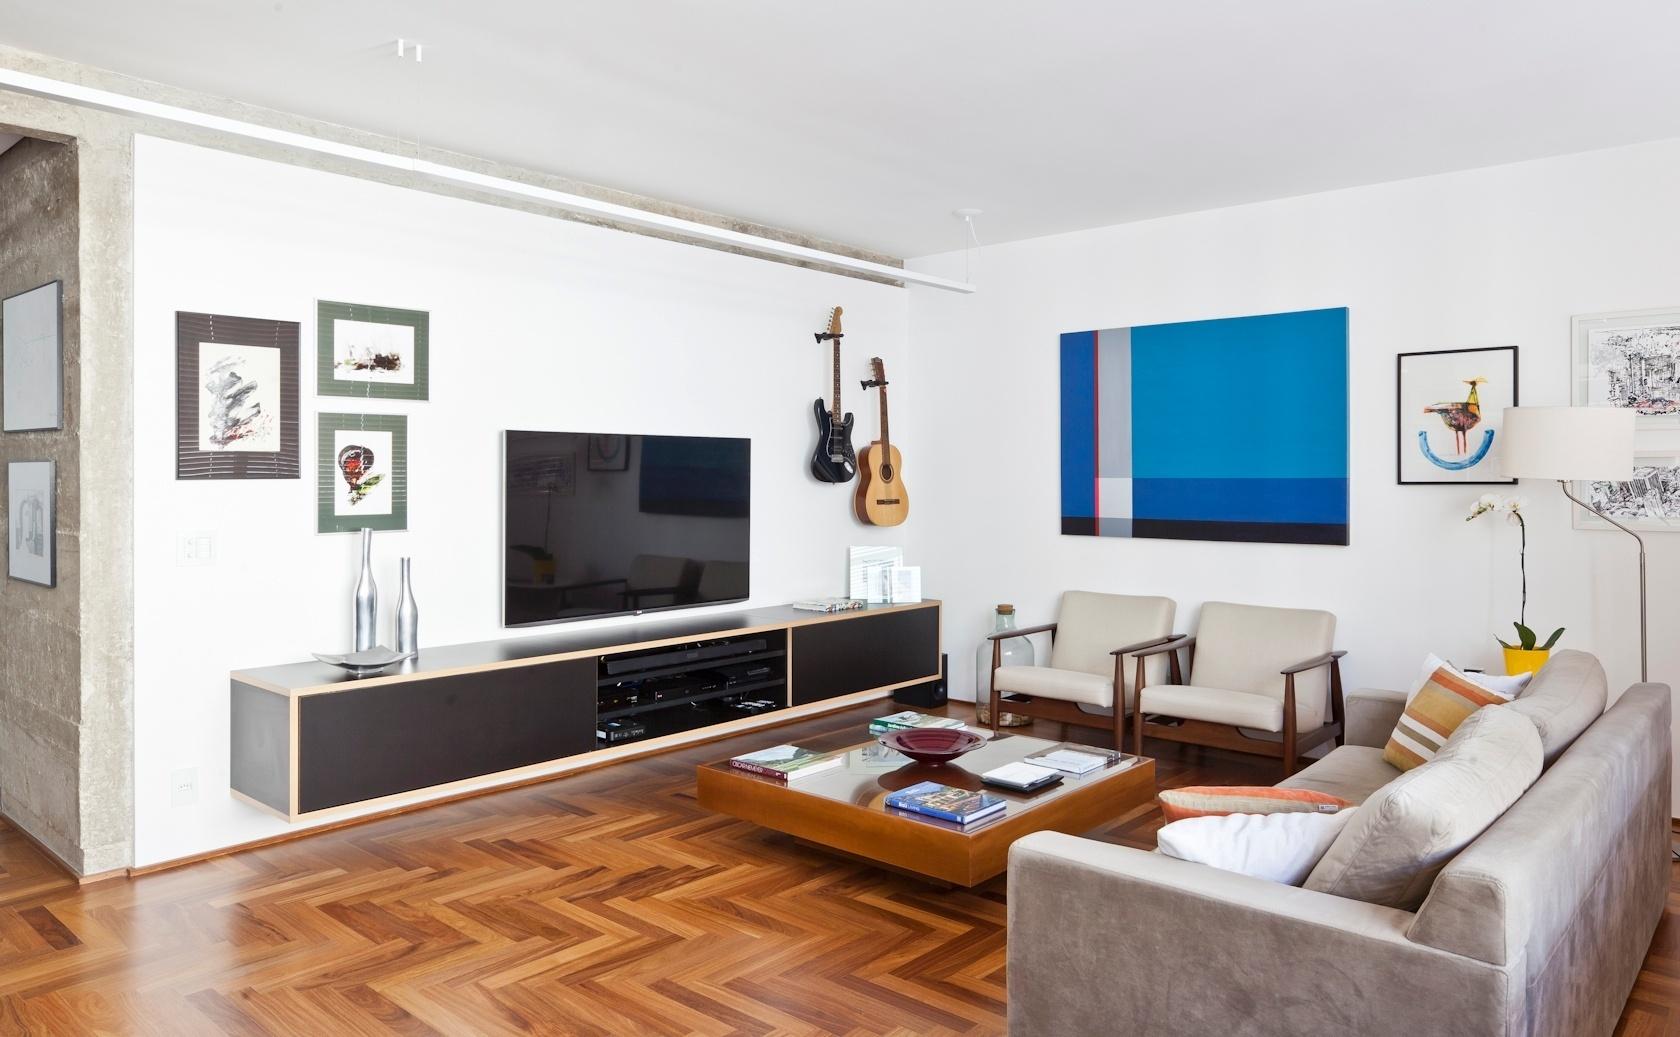 Uma parte do mobiliário do apartamento de 160 m2 no bairro do Paraíso, em São Paulo, nasceu no próprio escritório, como o rack da TV. O arquiteto Renato Dalla Marta, do AUM Arquitetos, trocou o piso por assoalho de cumaru, instalou luminárias pendentes na sala de estar e revelou a estrutura de concreto